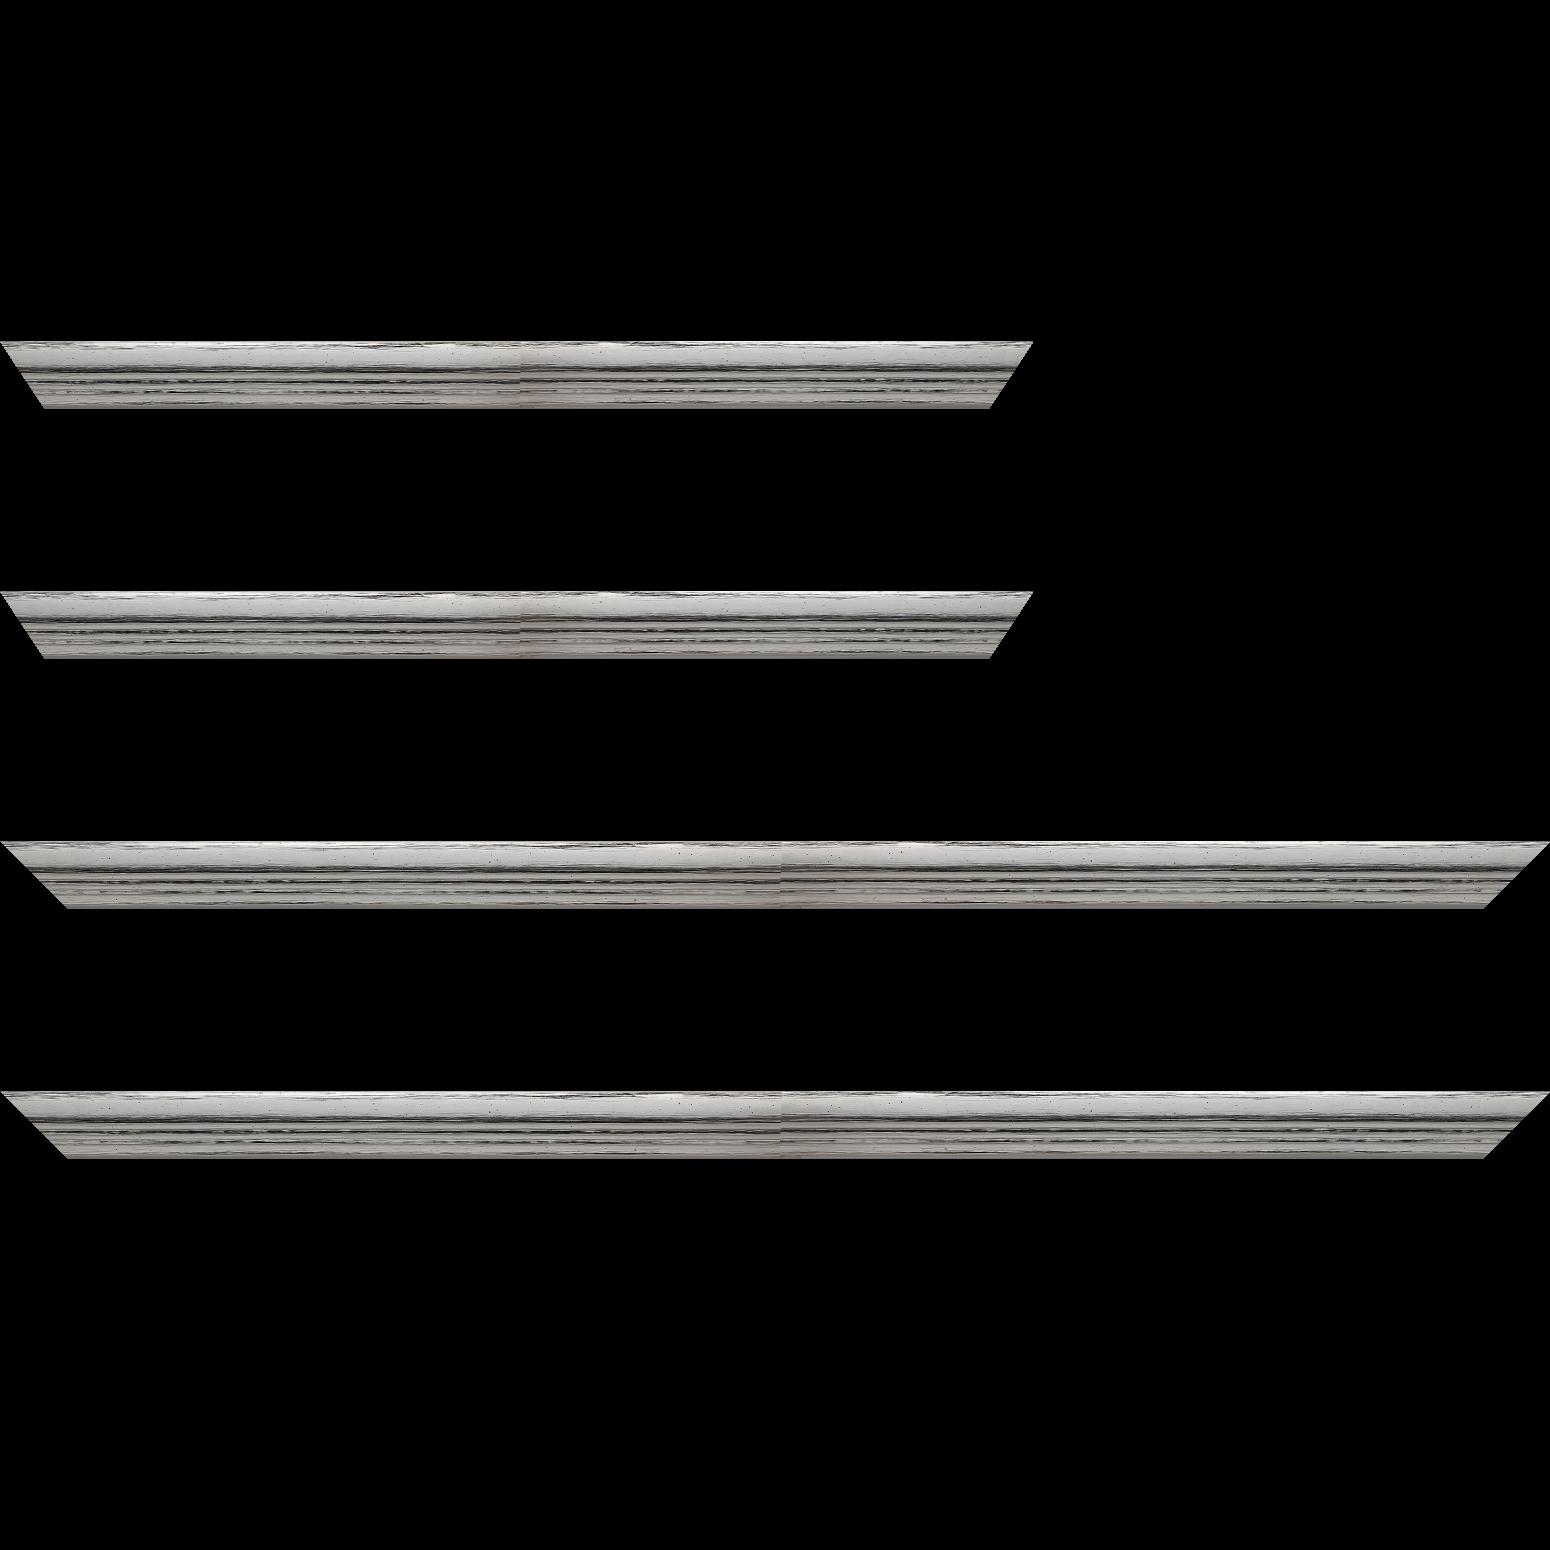 Baguette service précoupé Bois profil plat en pente nez escalier largeur 2cm couleur argent coté extérieur argent. finition haut de gamme car dorure à l'eau fait main